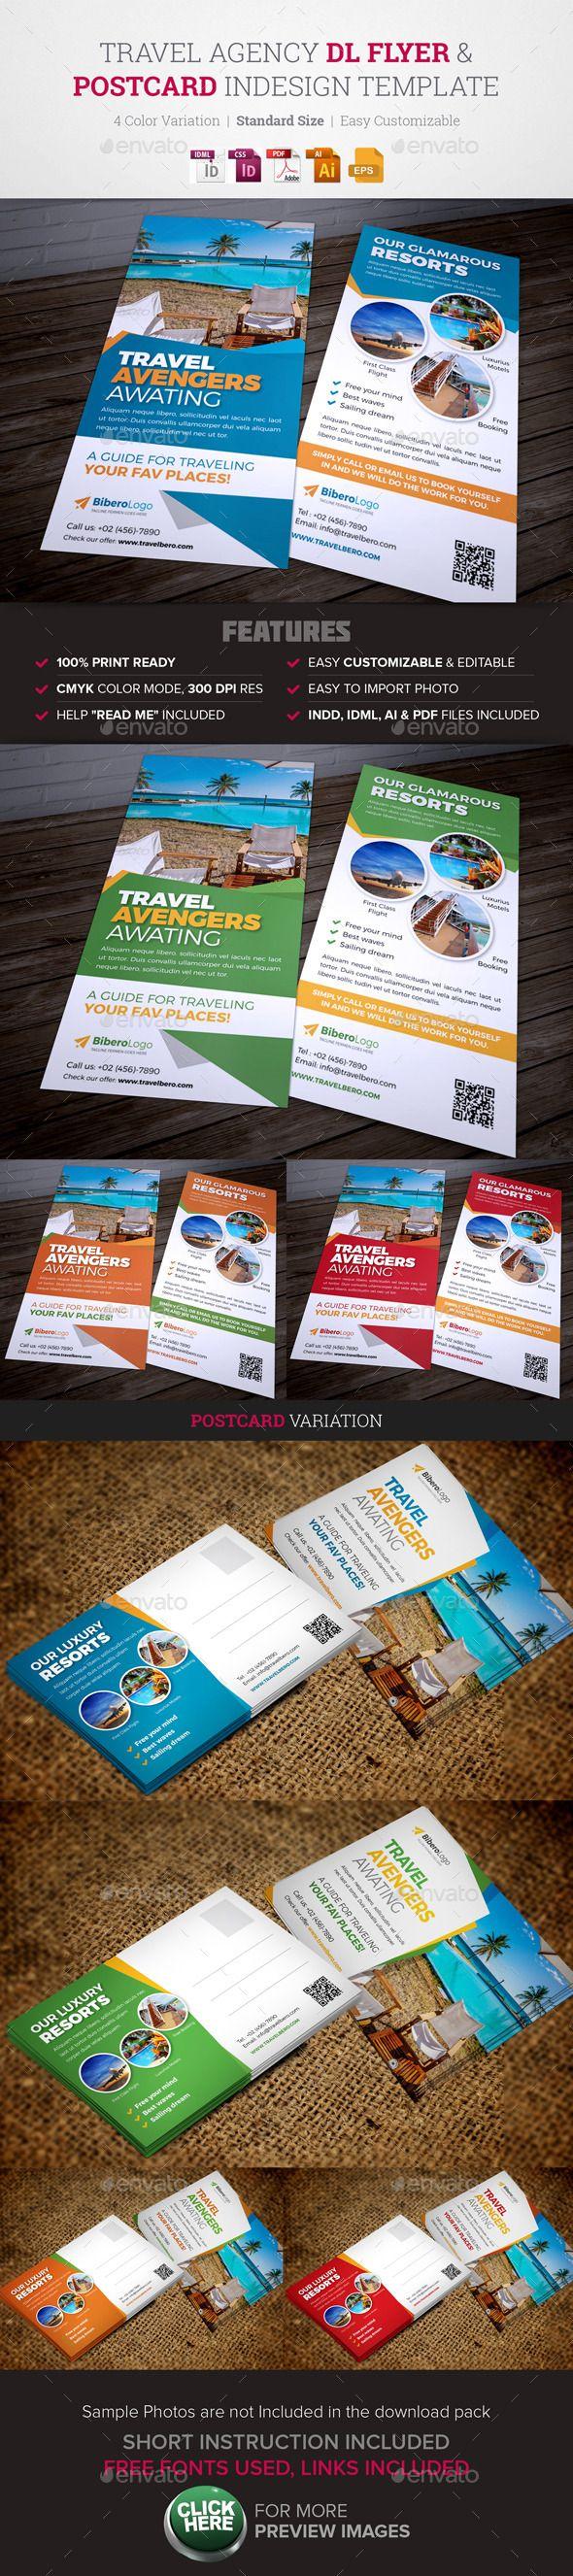 Travel Agency DL Flyer & Postcard InDesign Template #design #print Download: http://graphicriver.net/item/travel-agency-dl-flyer-postcard-indesign/12013527?ref=ksioks